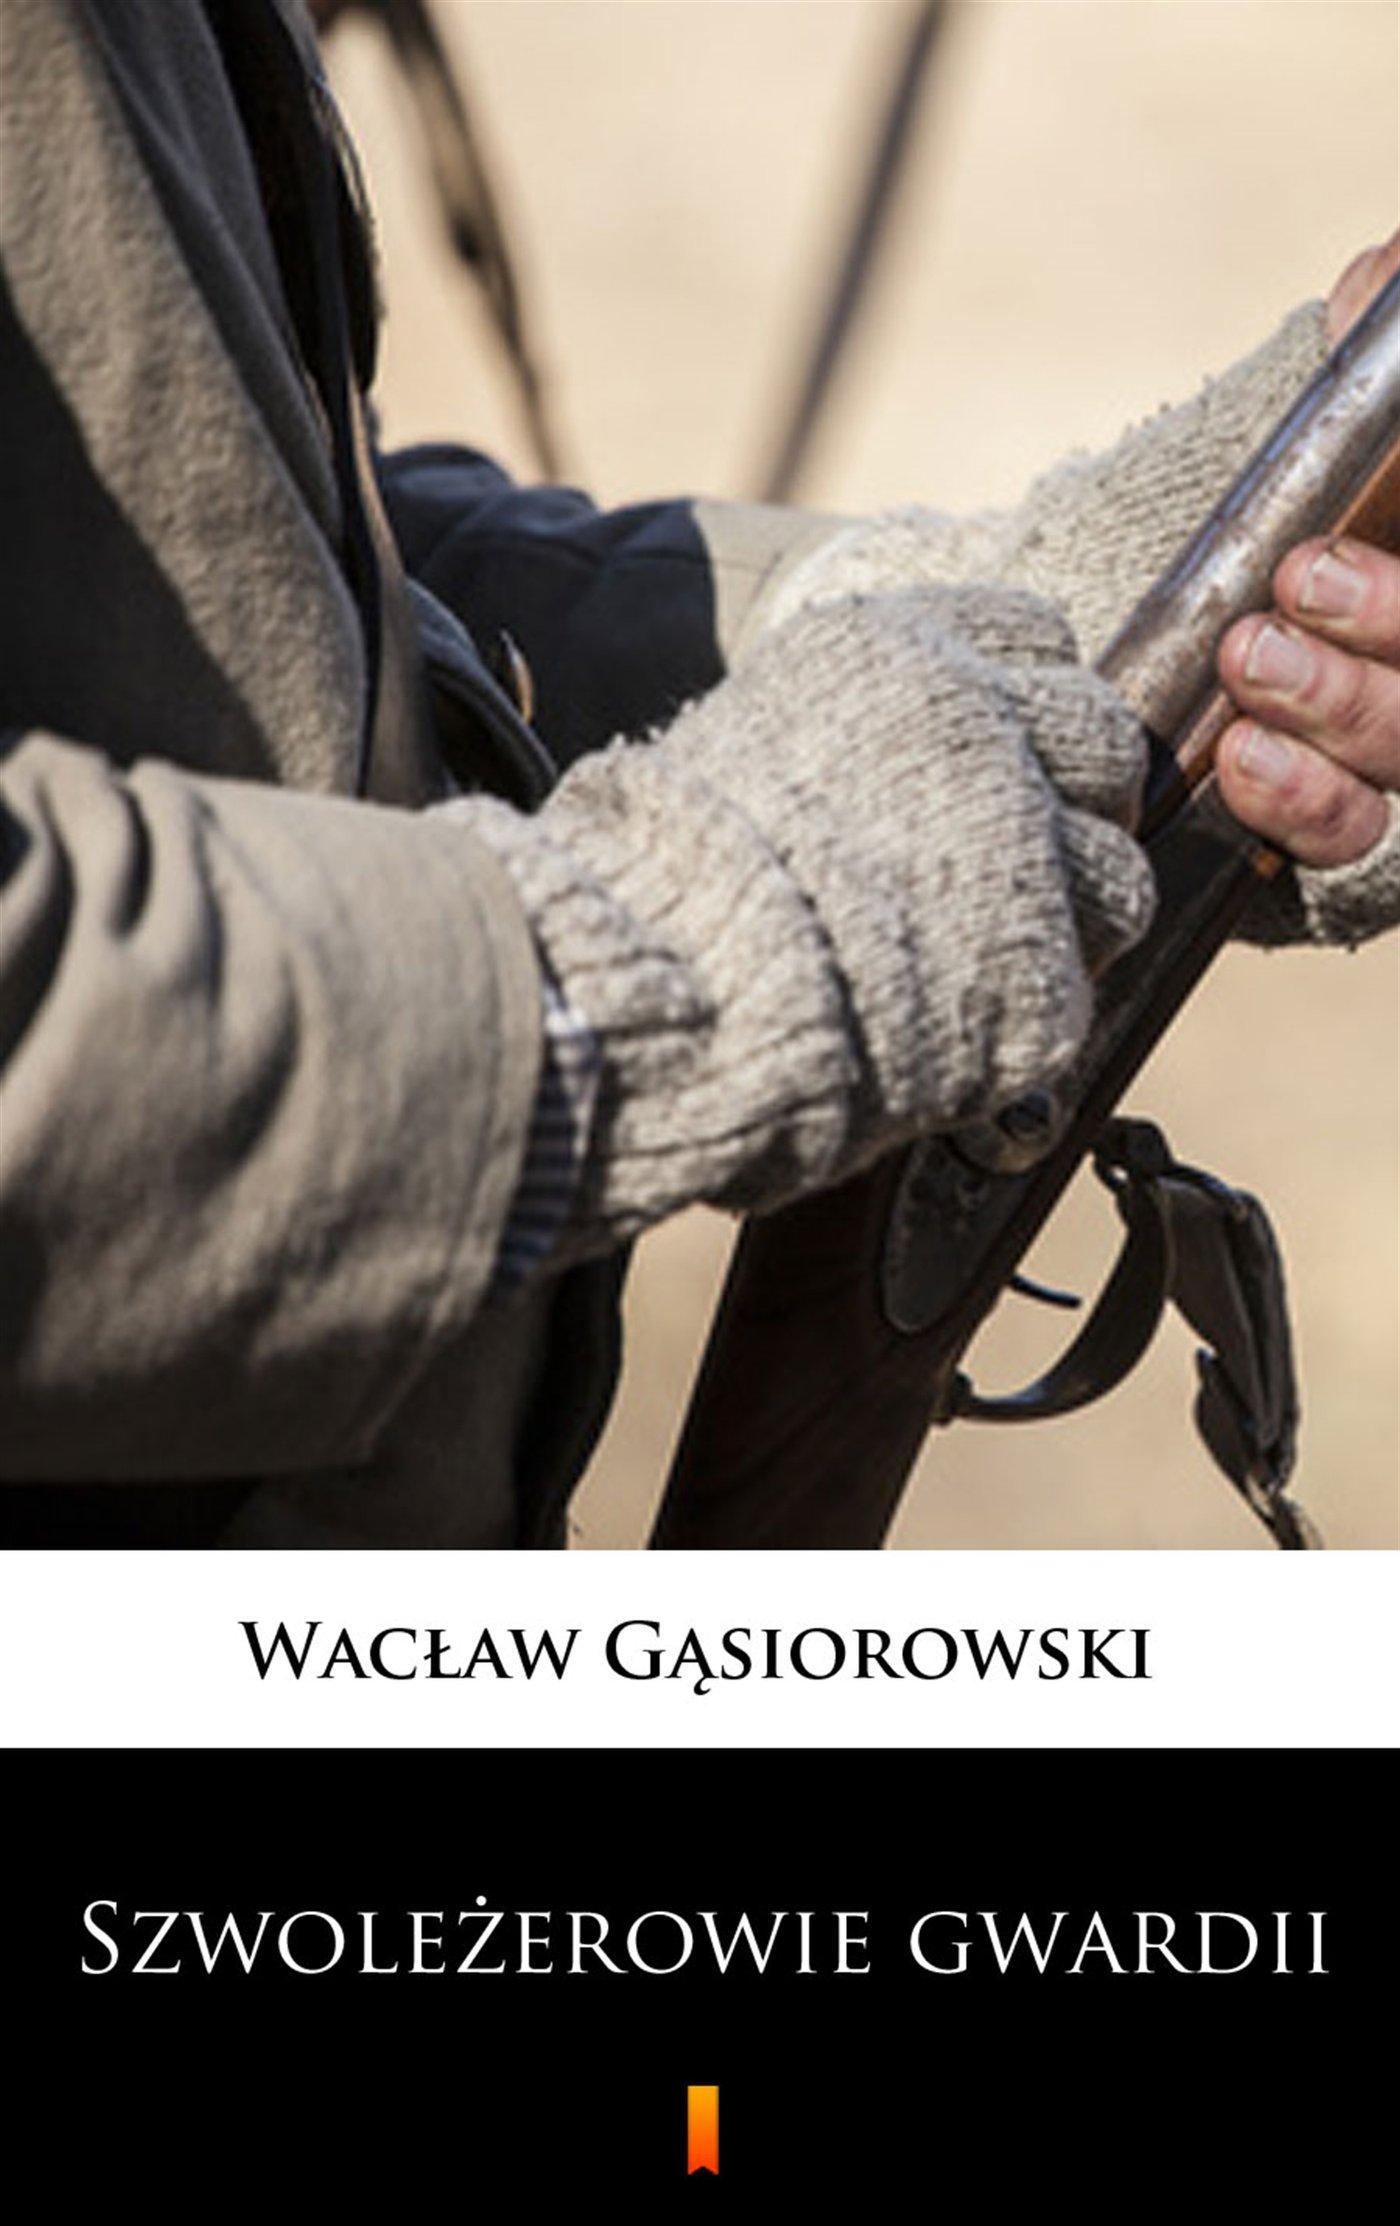 Szwoleżerowie gwardii - Ebook (Książka na Kindle) do pobrania w formacie MOBI